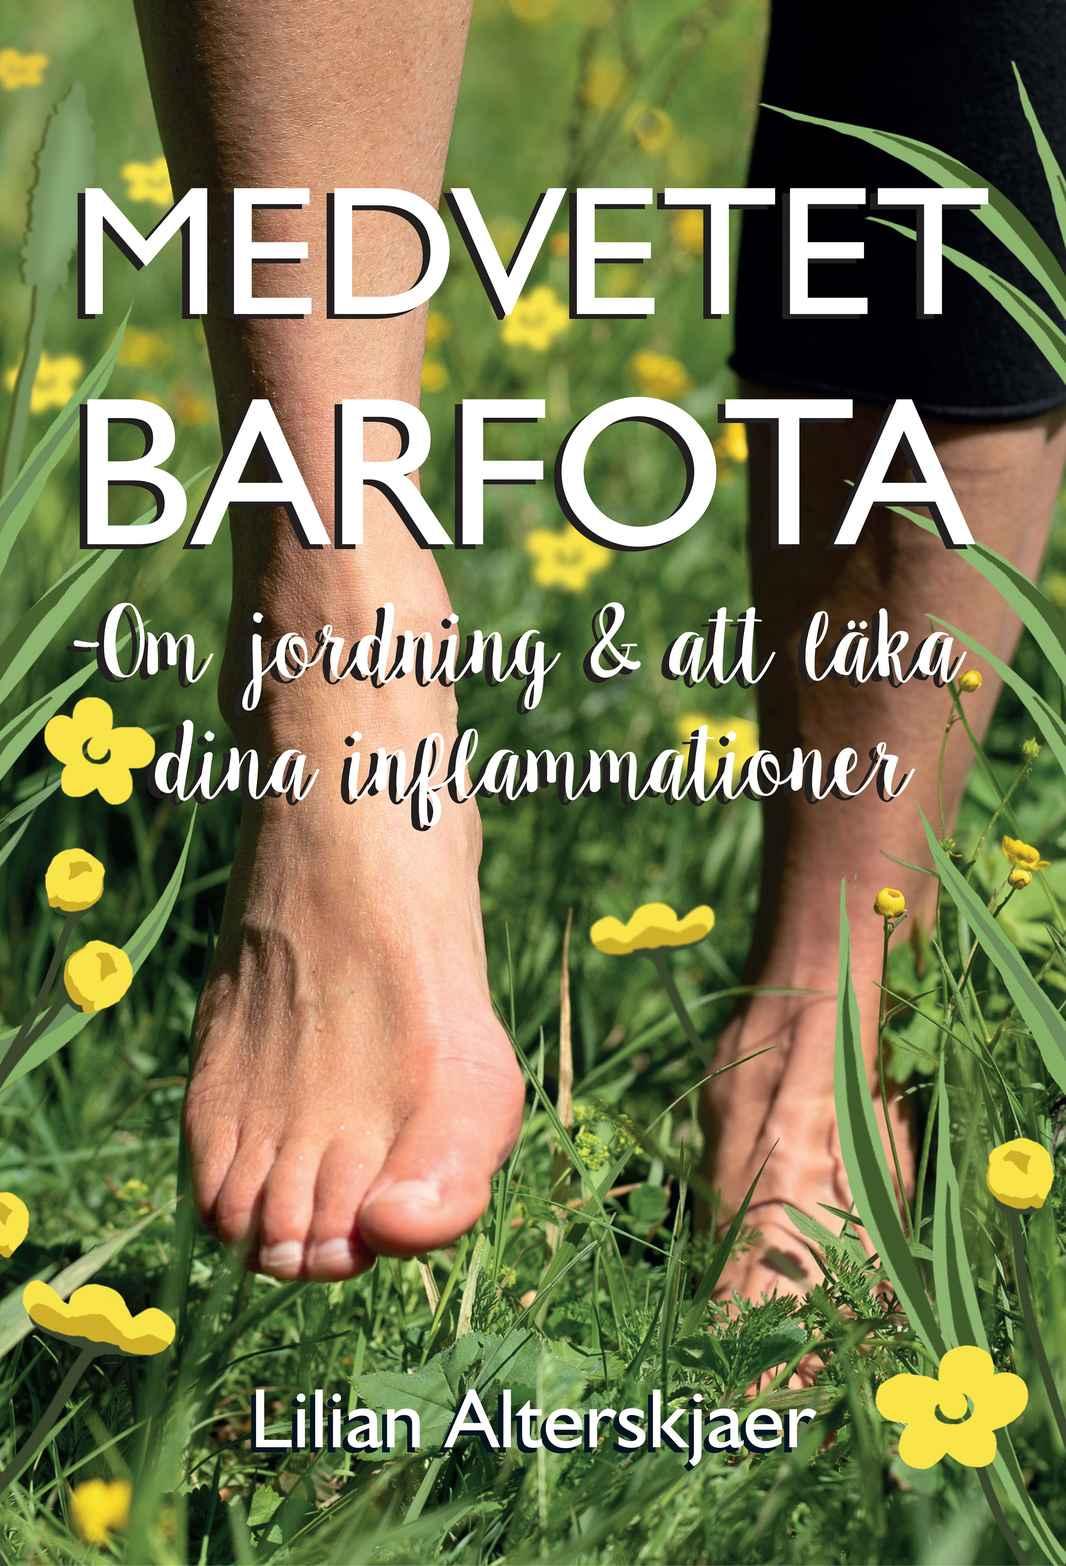 Medvetet Barfota_Frontcover